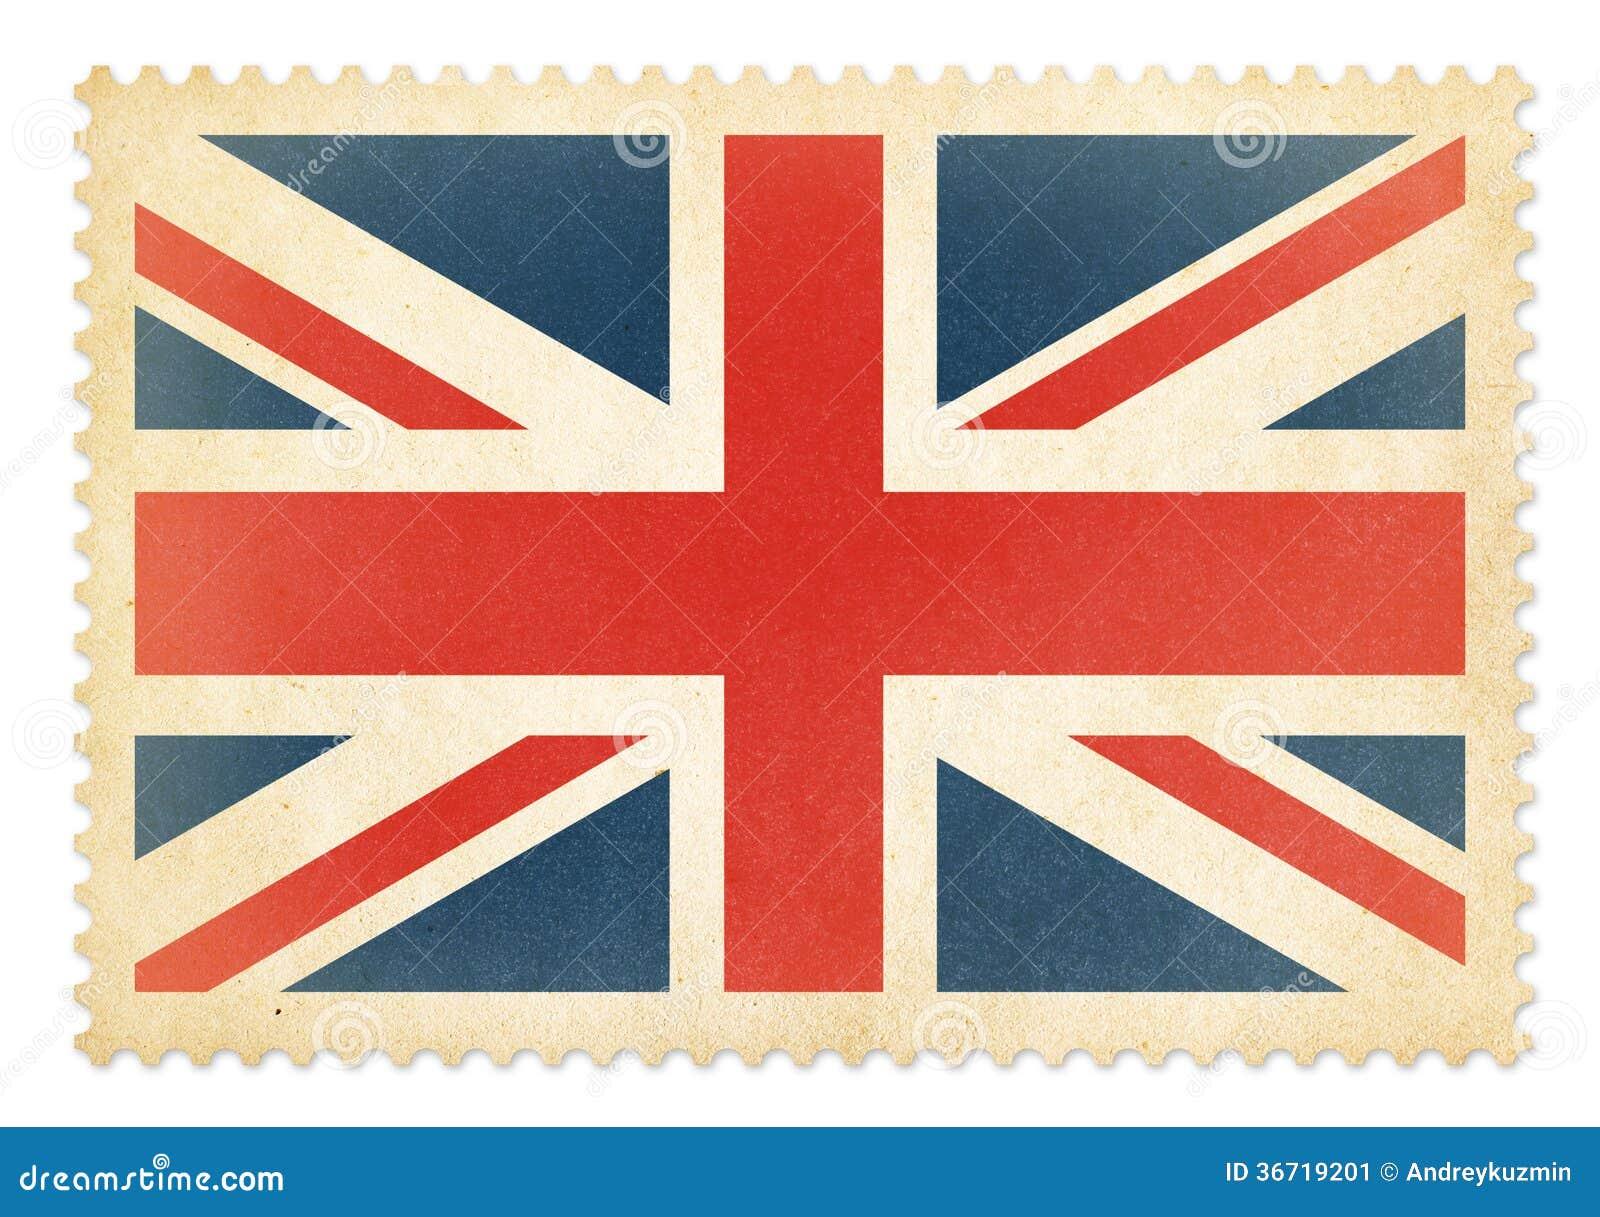 Timbre poste britannique avec le drapeau de la grande - Drapeau rouge avec drapeau anglais ...